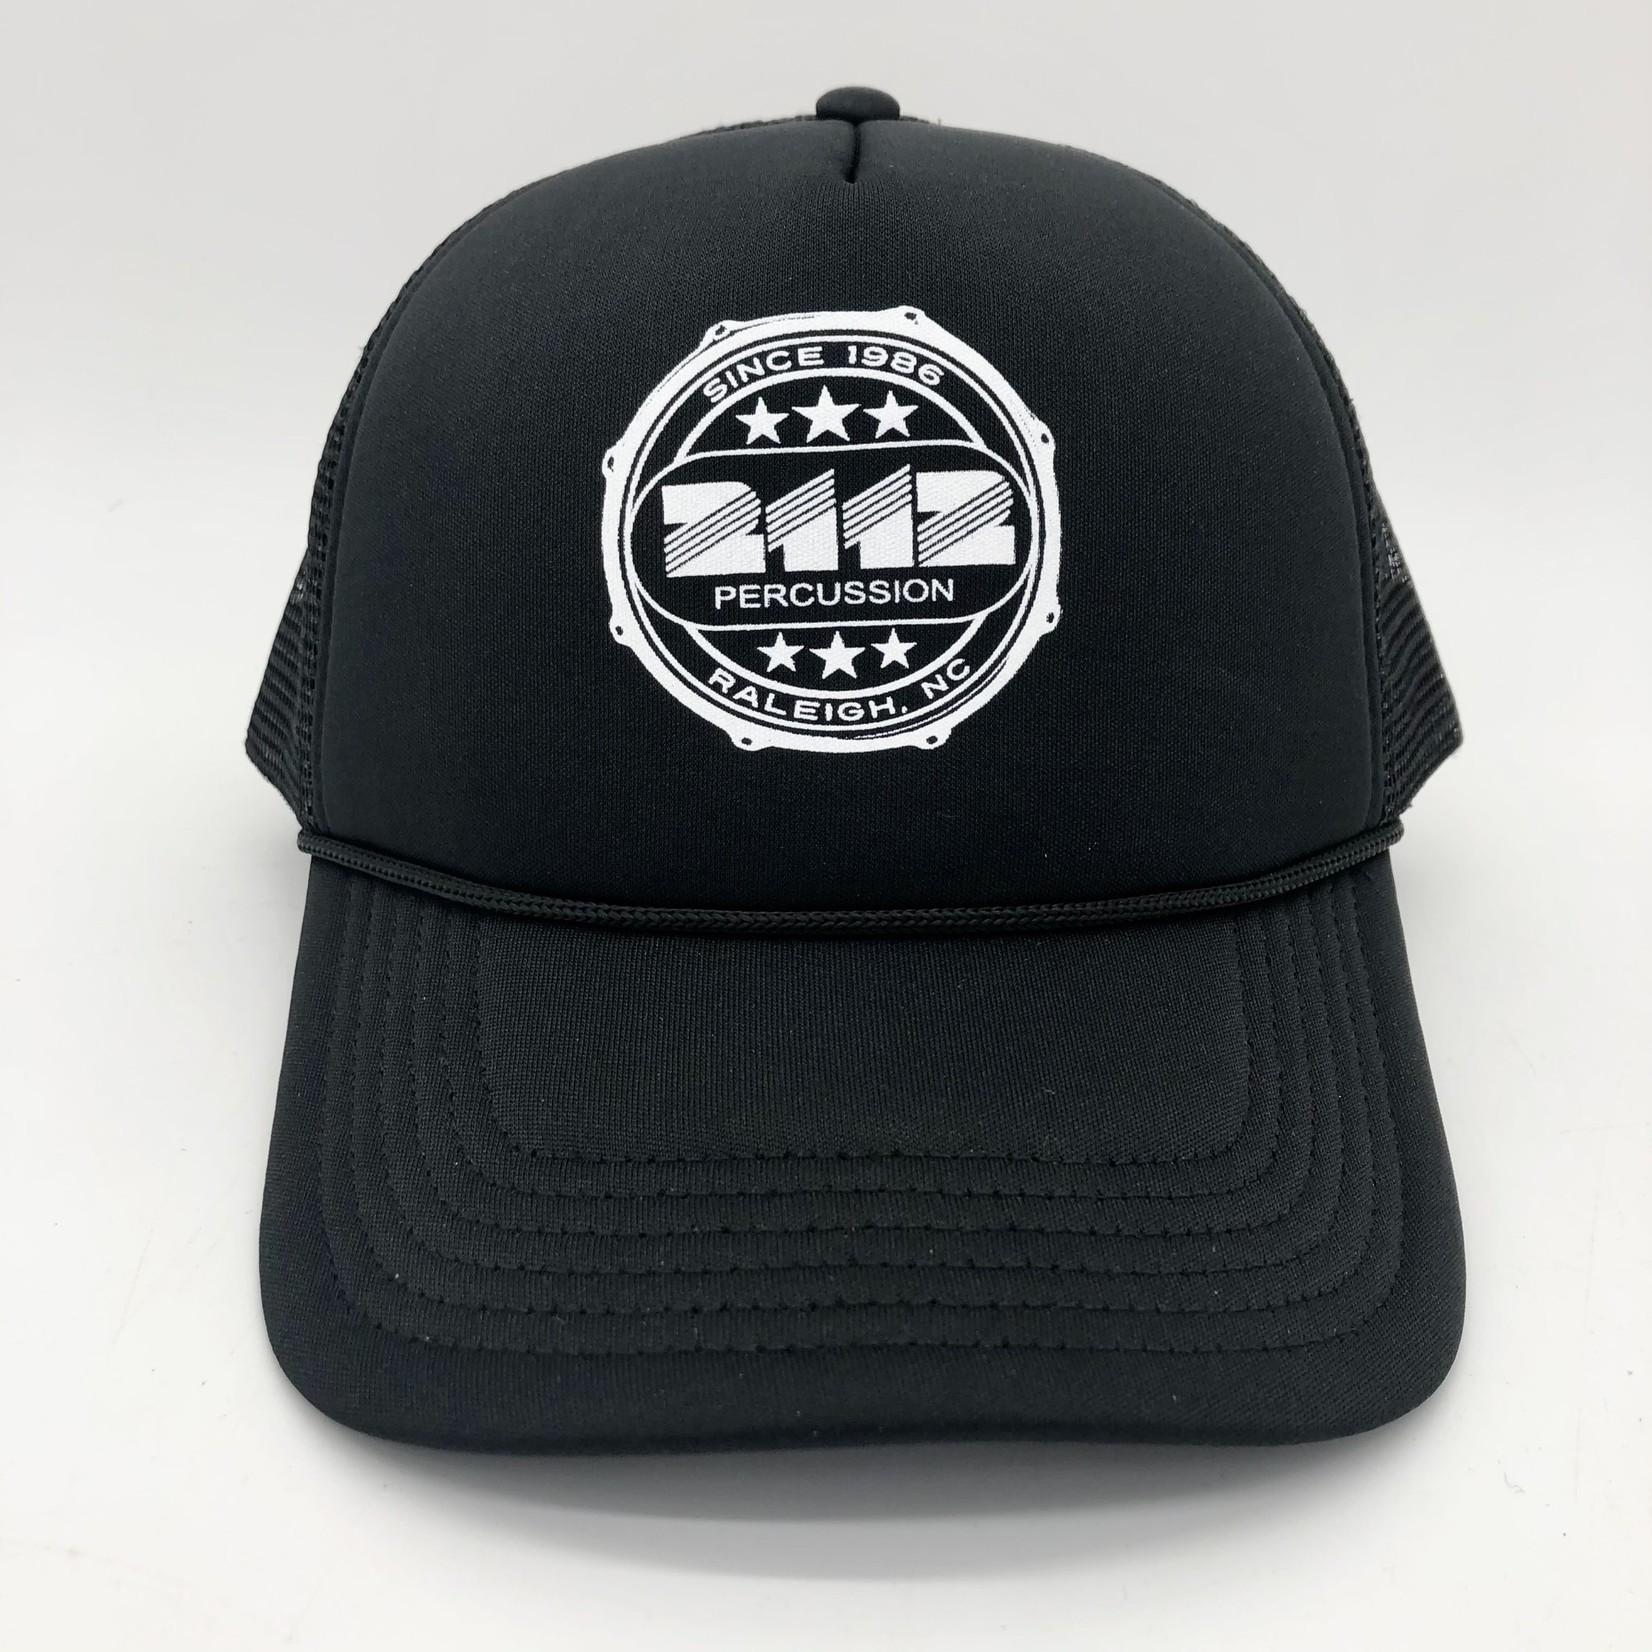 2112 2112 BLACK TRUCKER HAT W/ HOOP LOGO